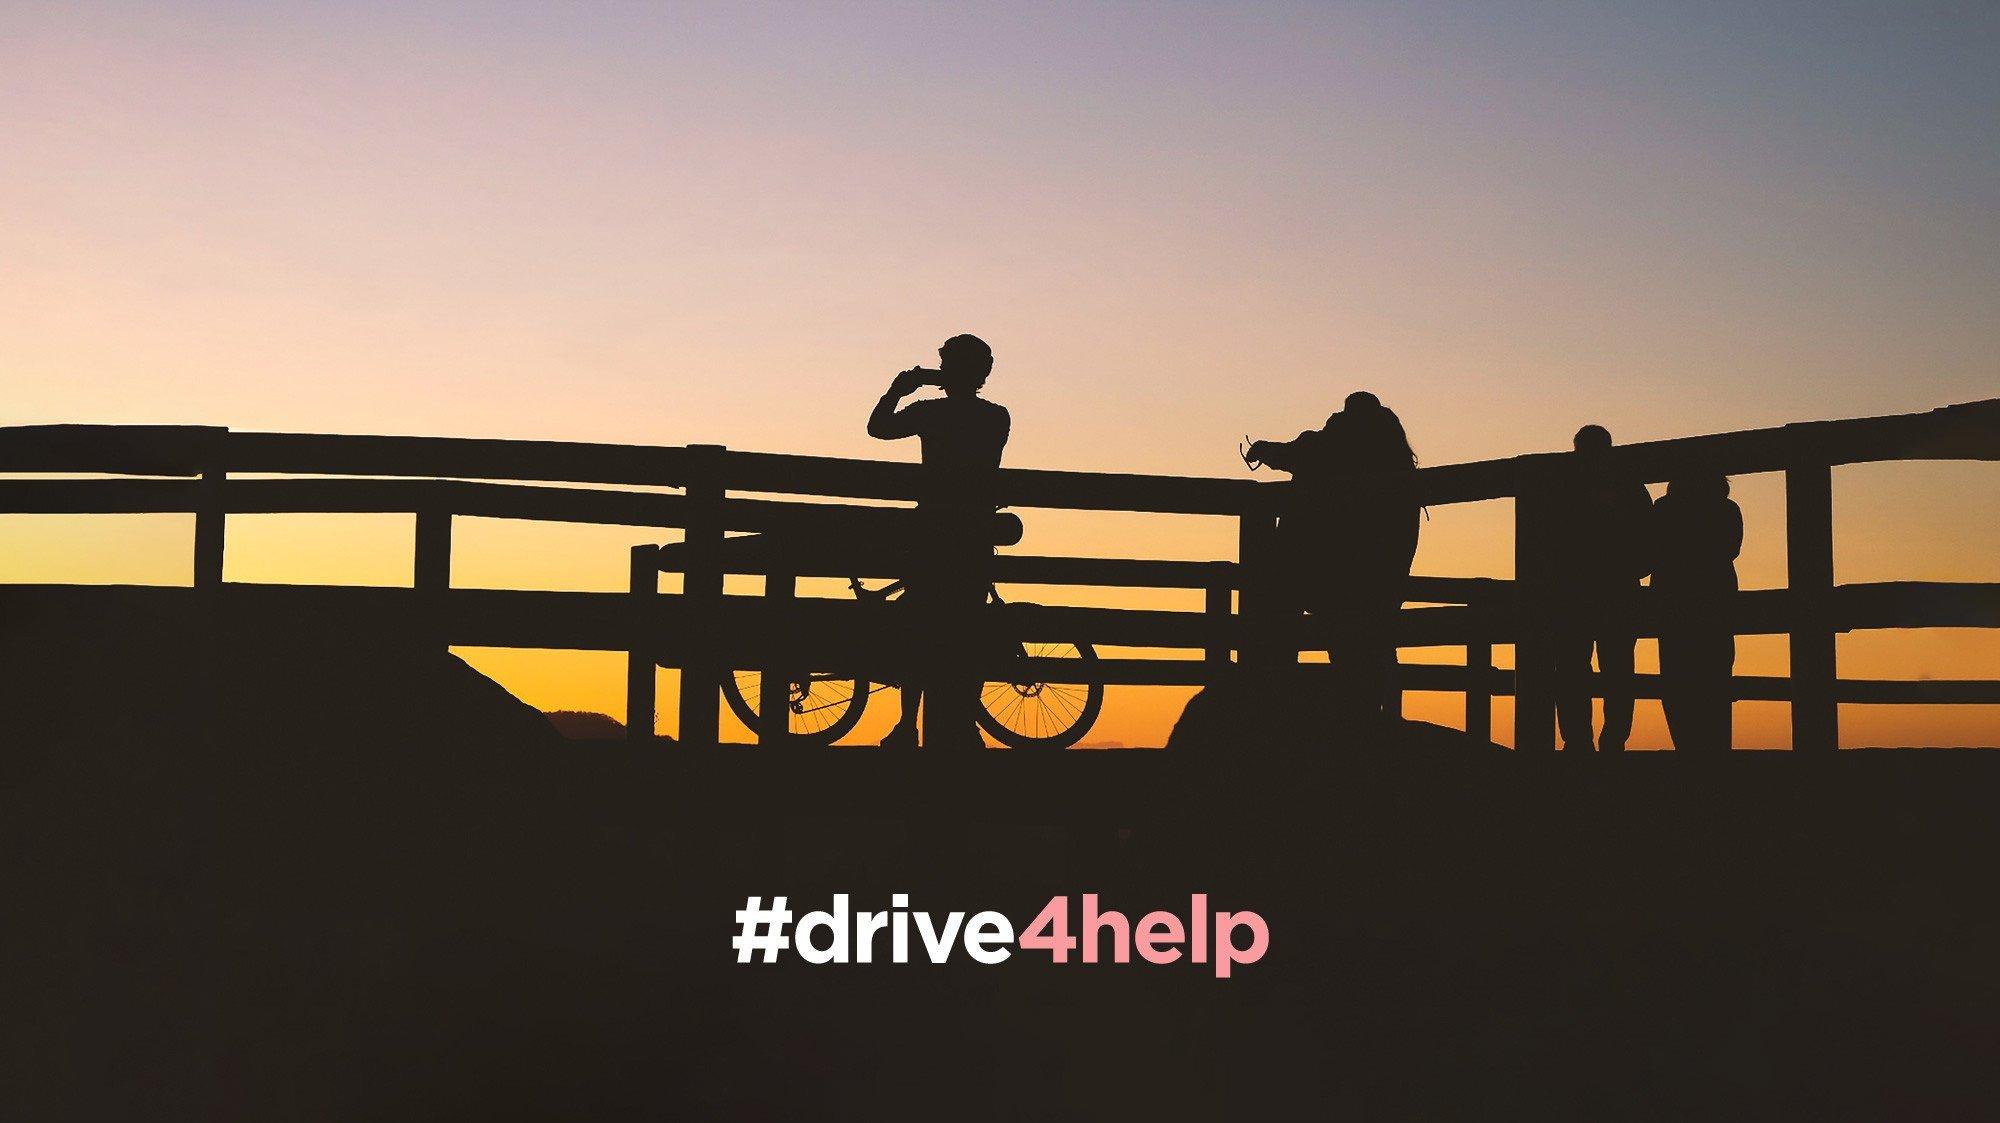 Drive4help